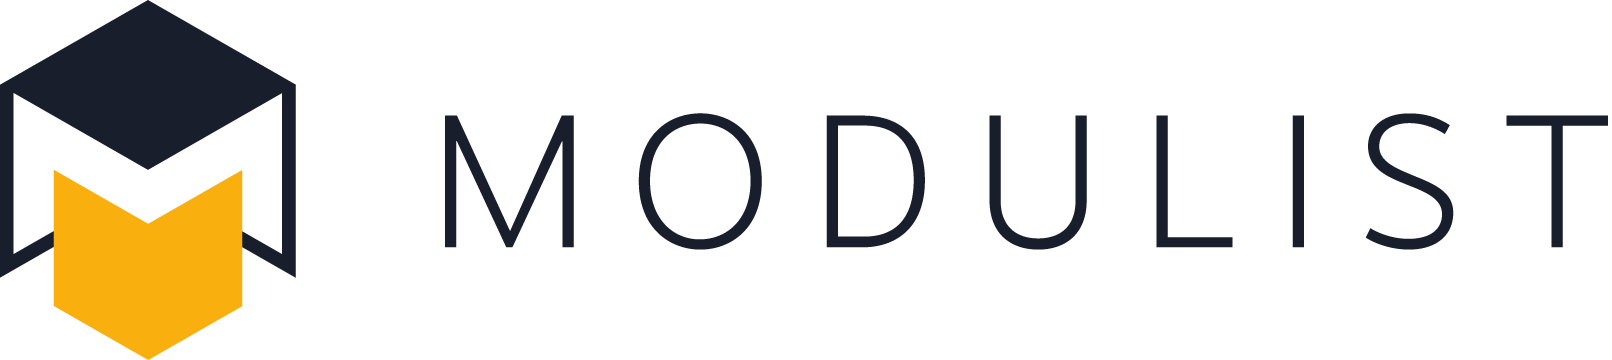 MODULIST Logo